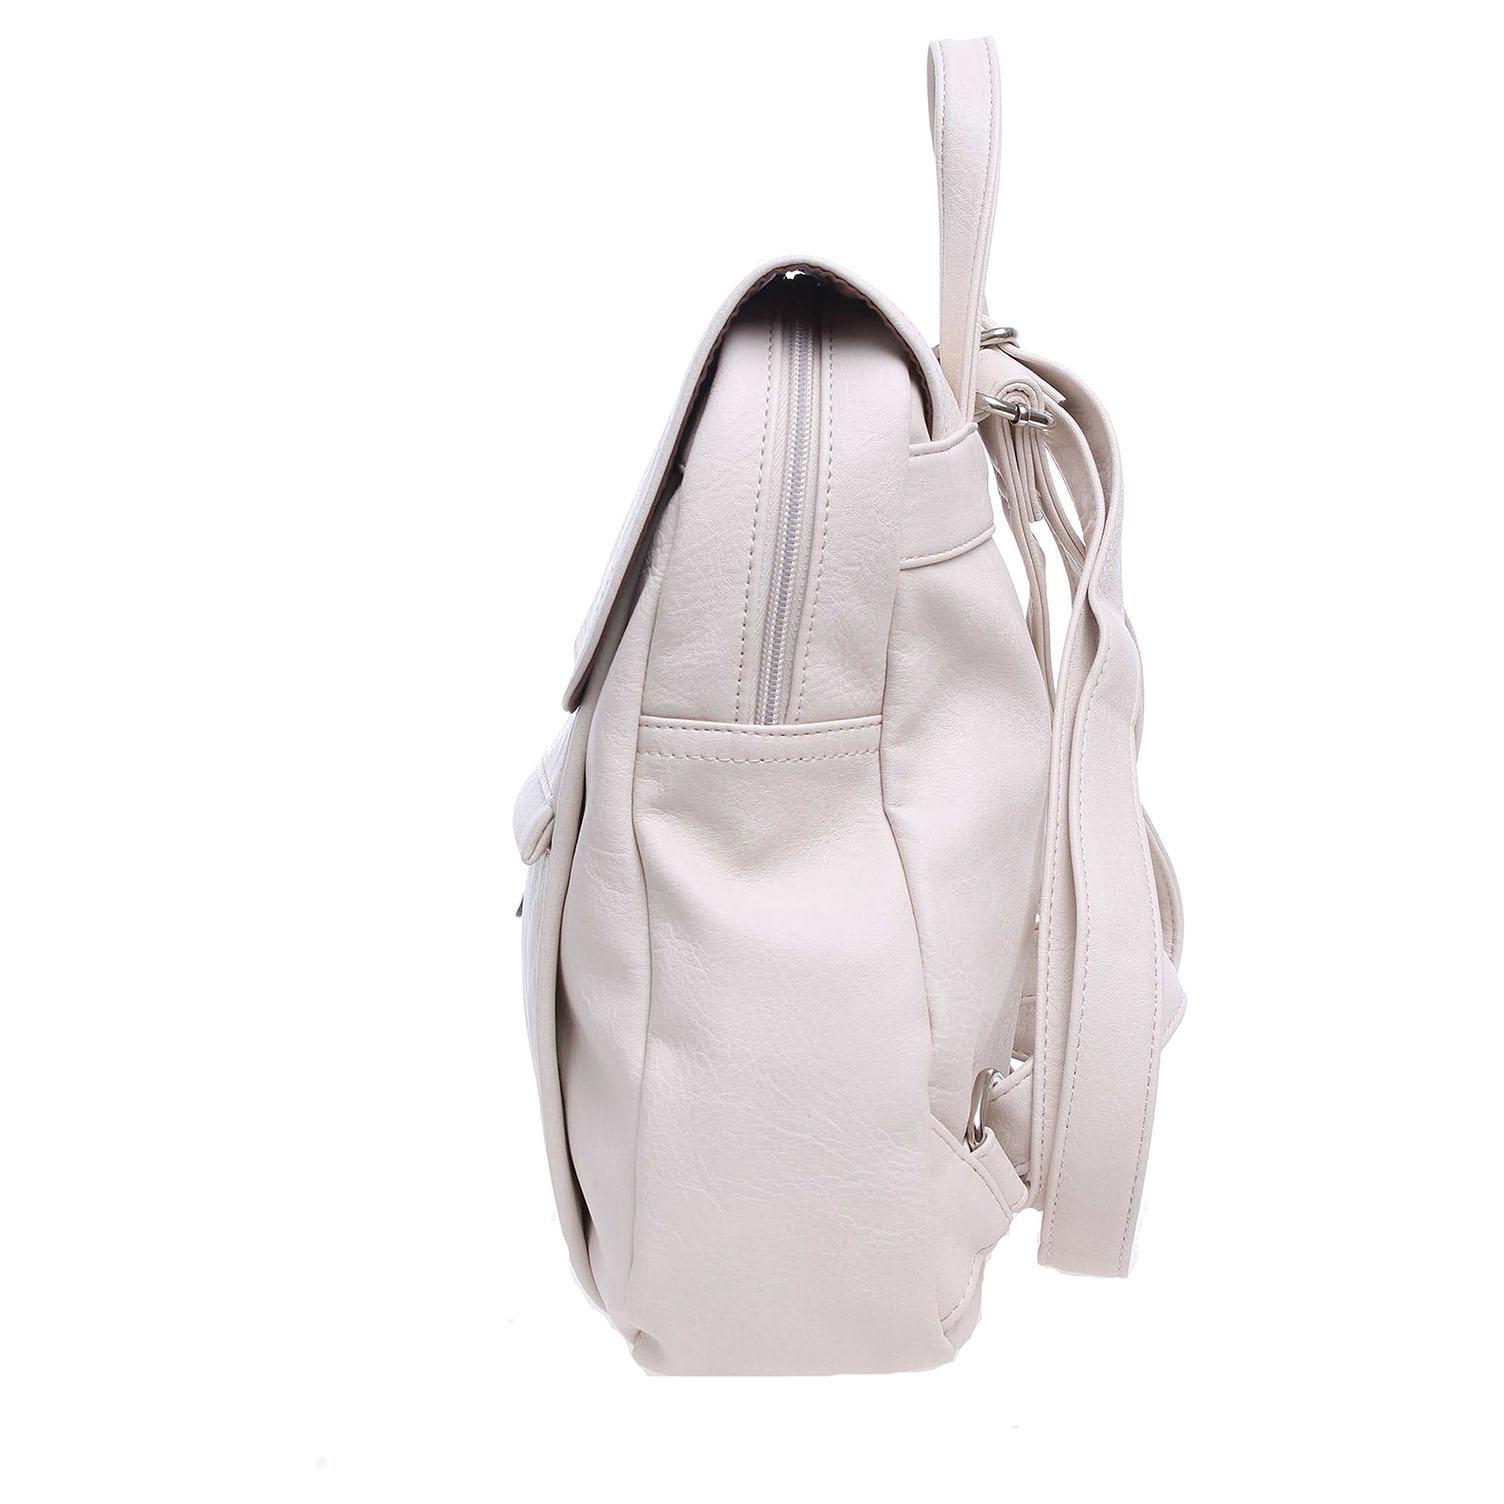 Gabor dámský batoh 6387 20 Uta béžový 1 béžová béžová